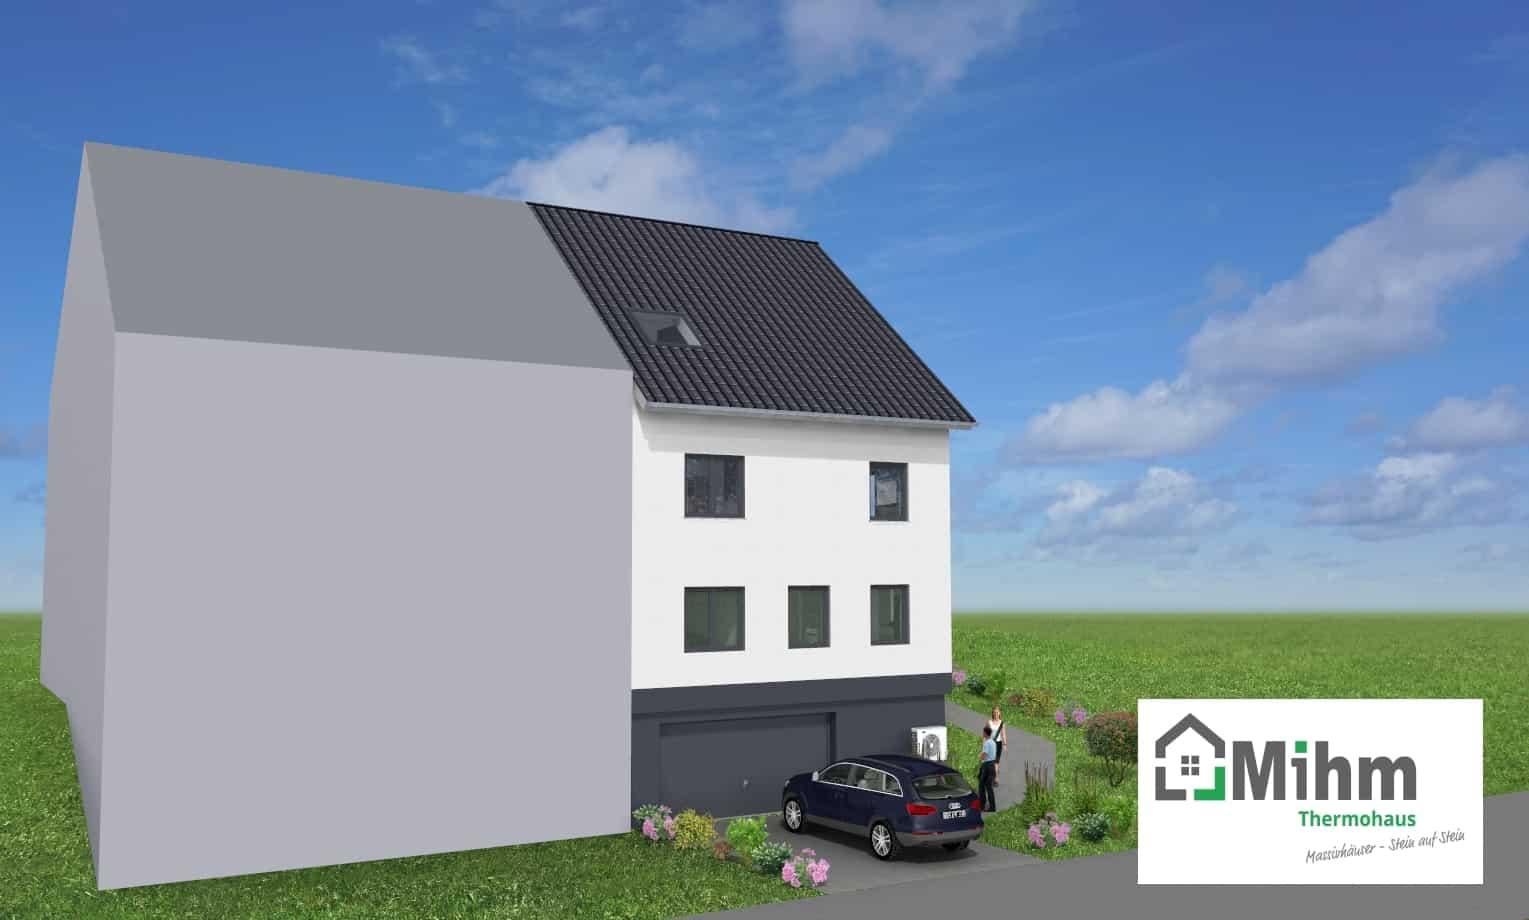 Hervorragend DHH mit Keller und Garage in 36039 Fulda OT Horas | Massivhausbau AL22